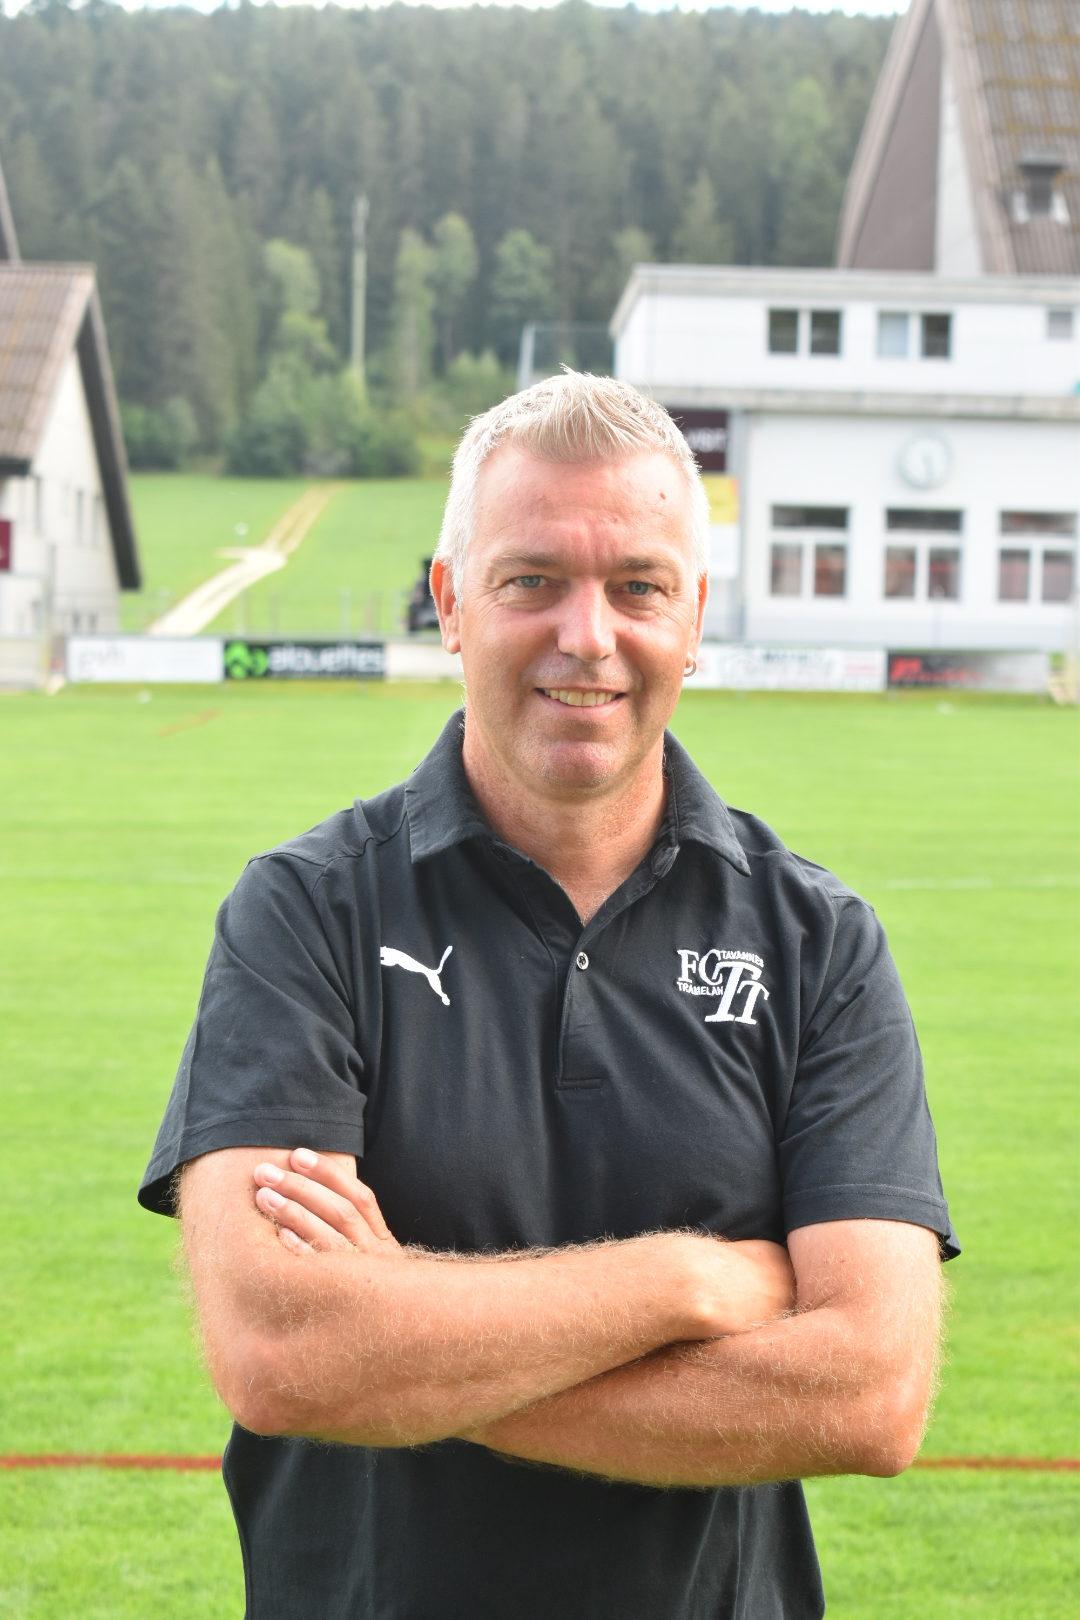 Steve Langel